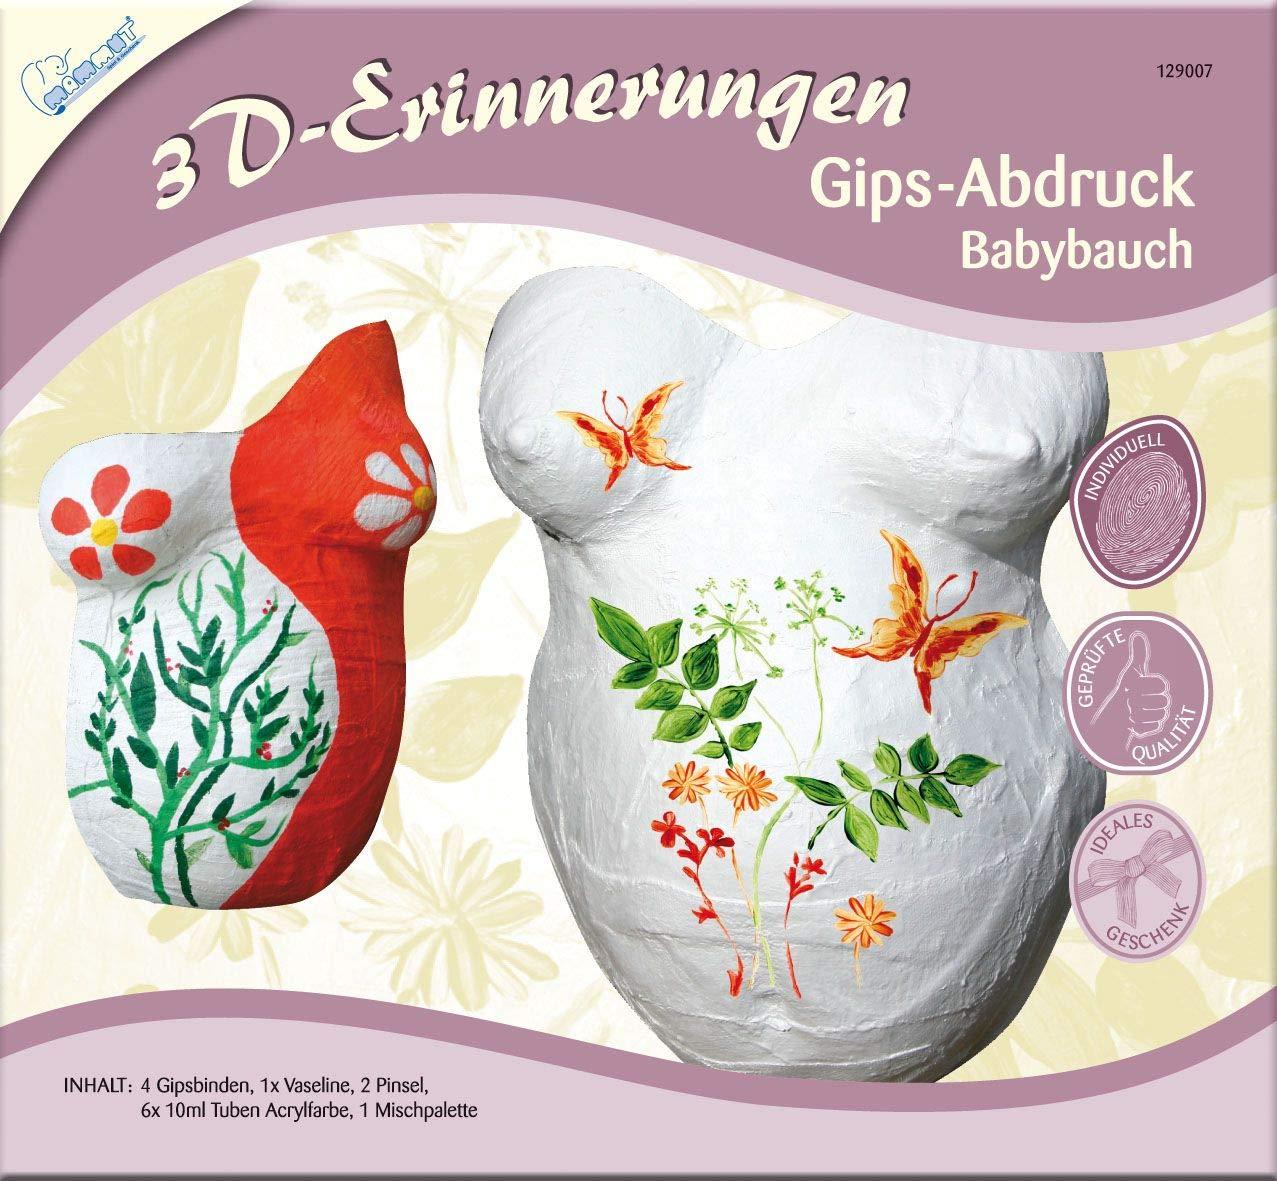 Importado de Alemania Yeso para molde en 3D del vientre durante el embarazo Mammut KSE18 3D-Erinnerungen